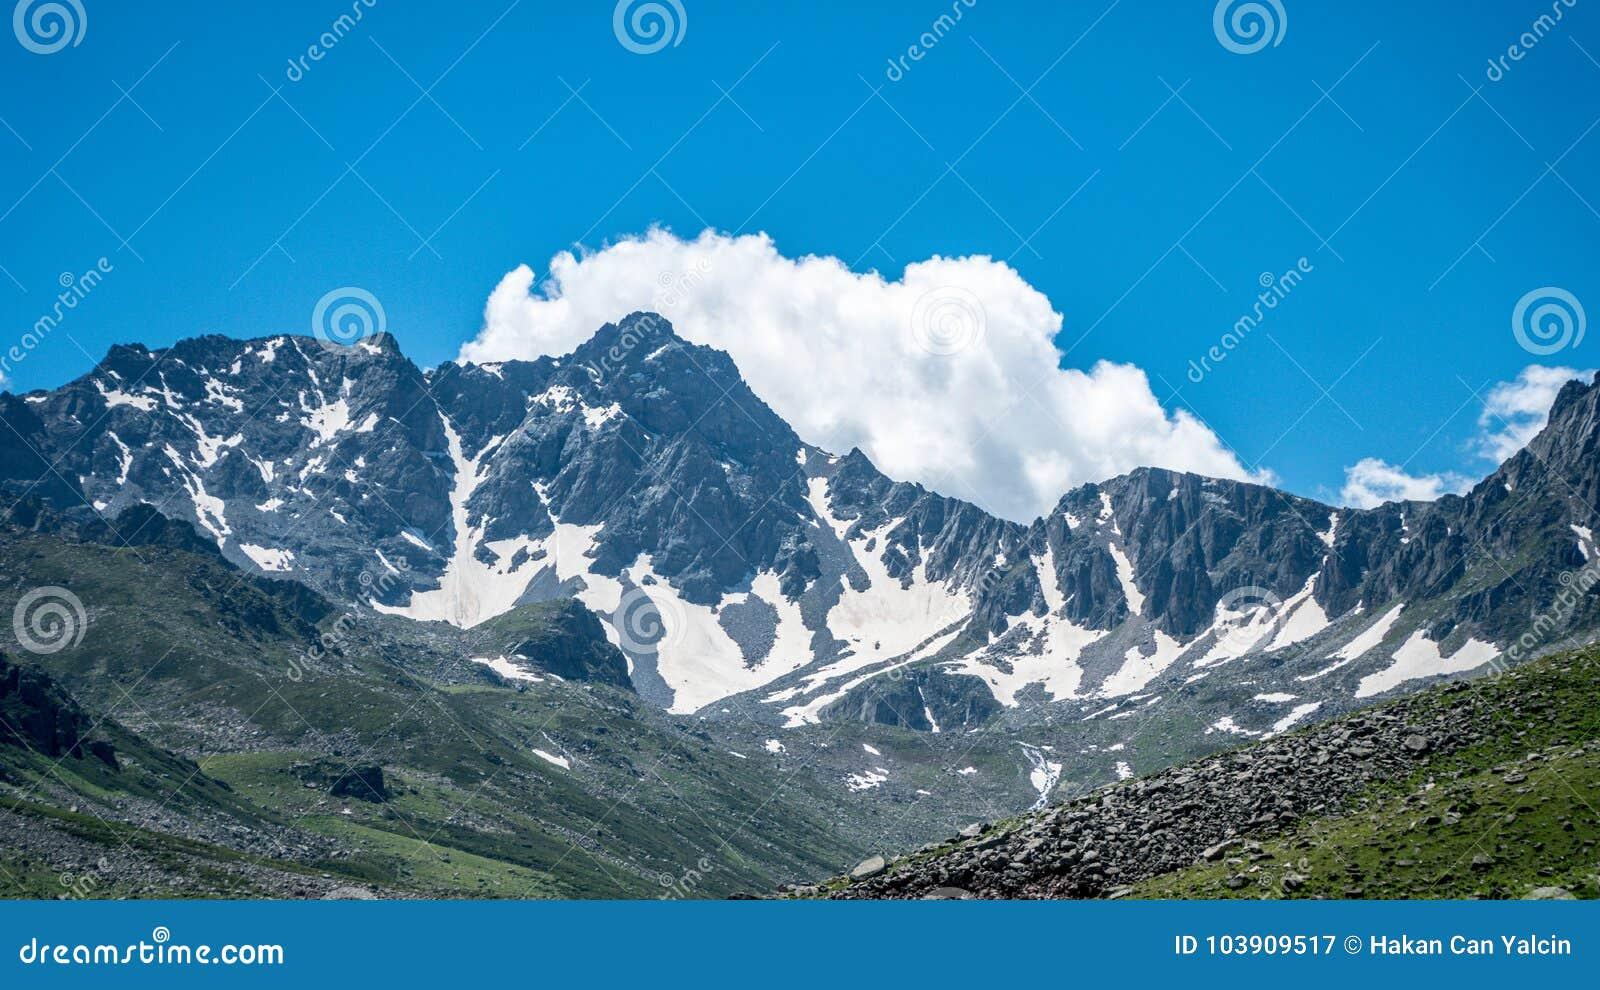 Kackar góry w Blacksea Karadeniz regionie, Turcja